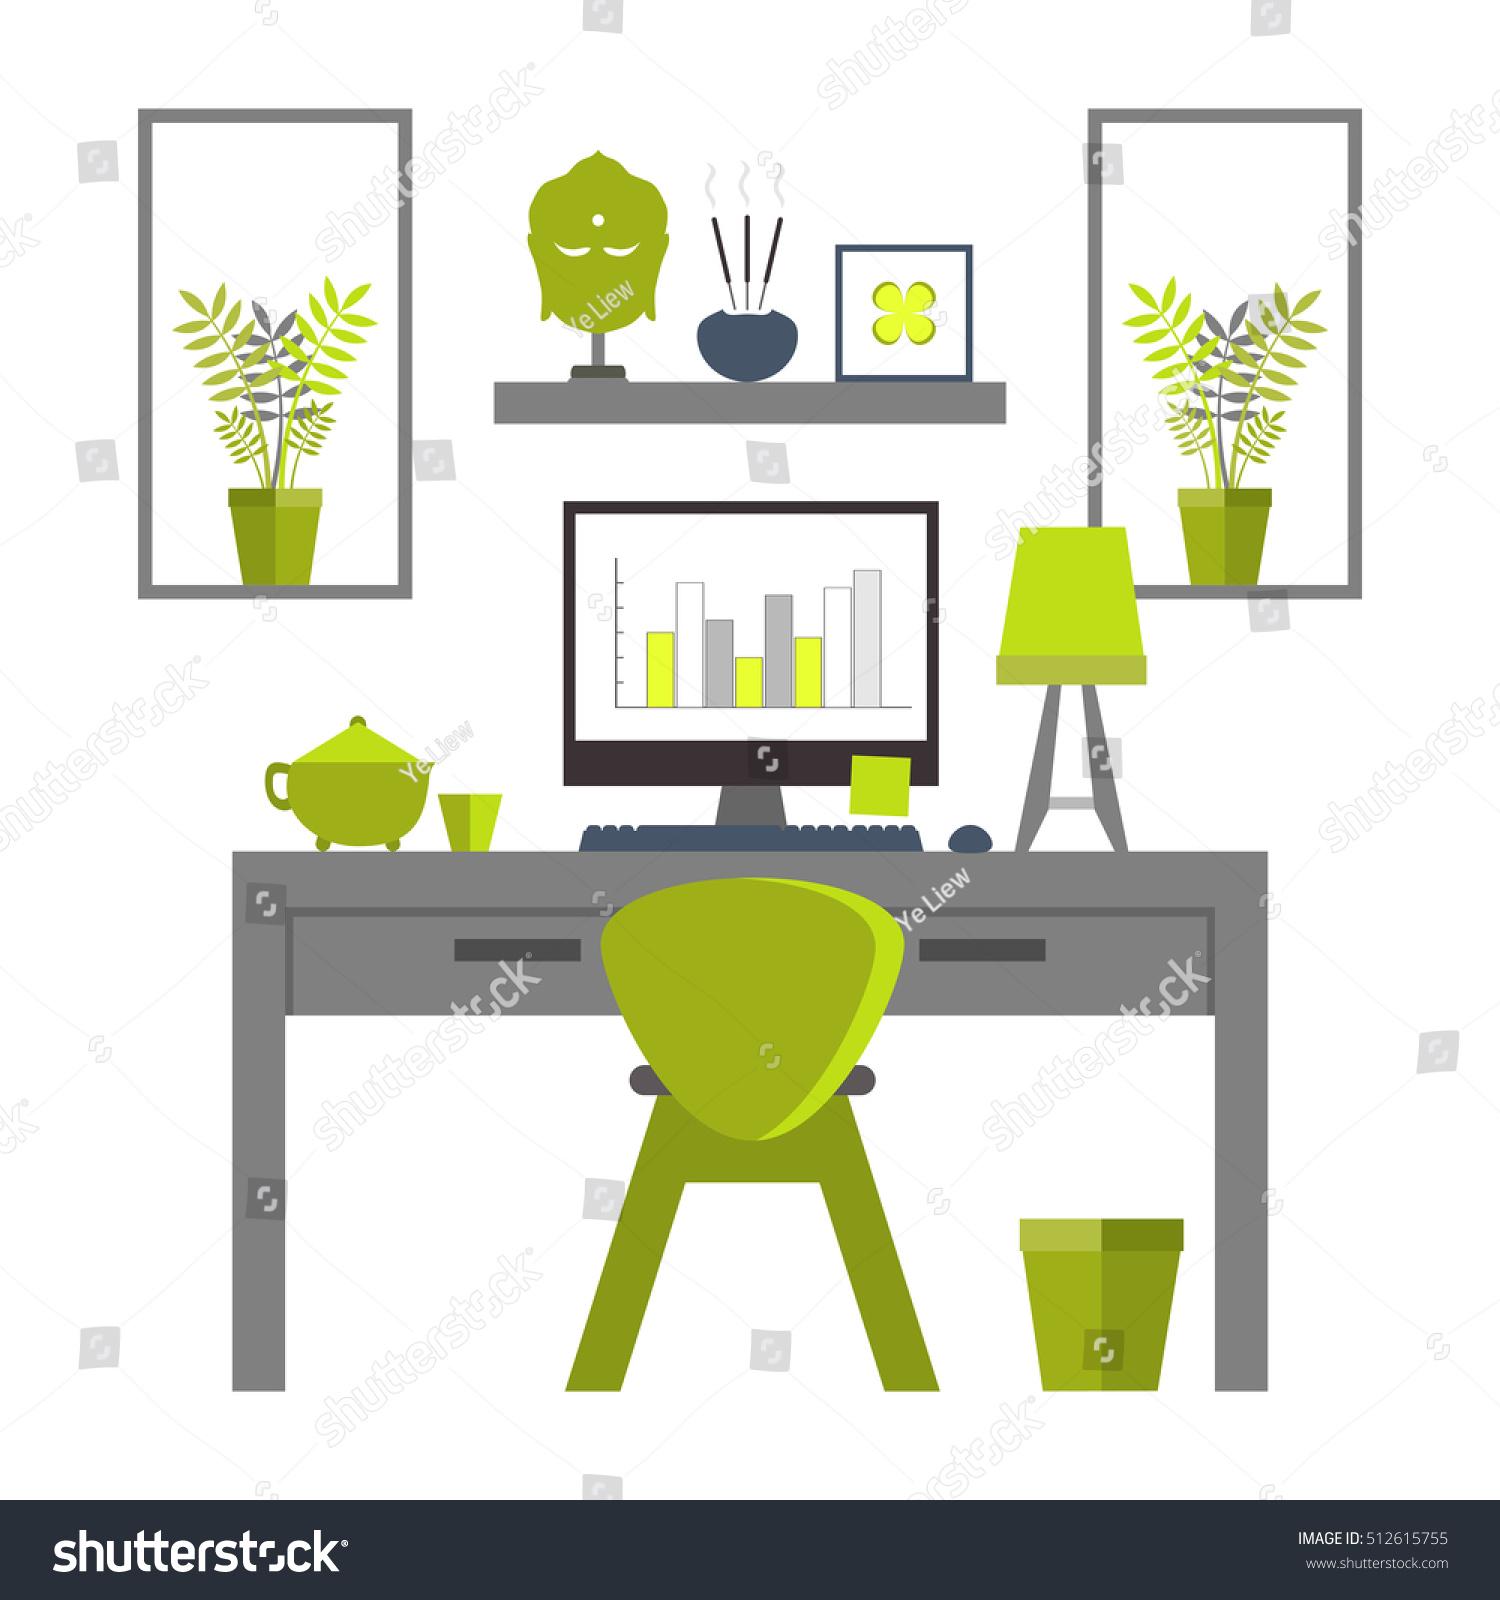 Flat Design Of Zen Home Office Layout. Relaxing Work Environment.